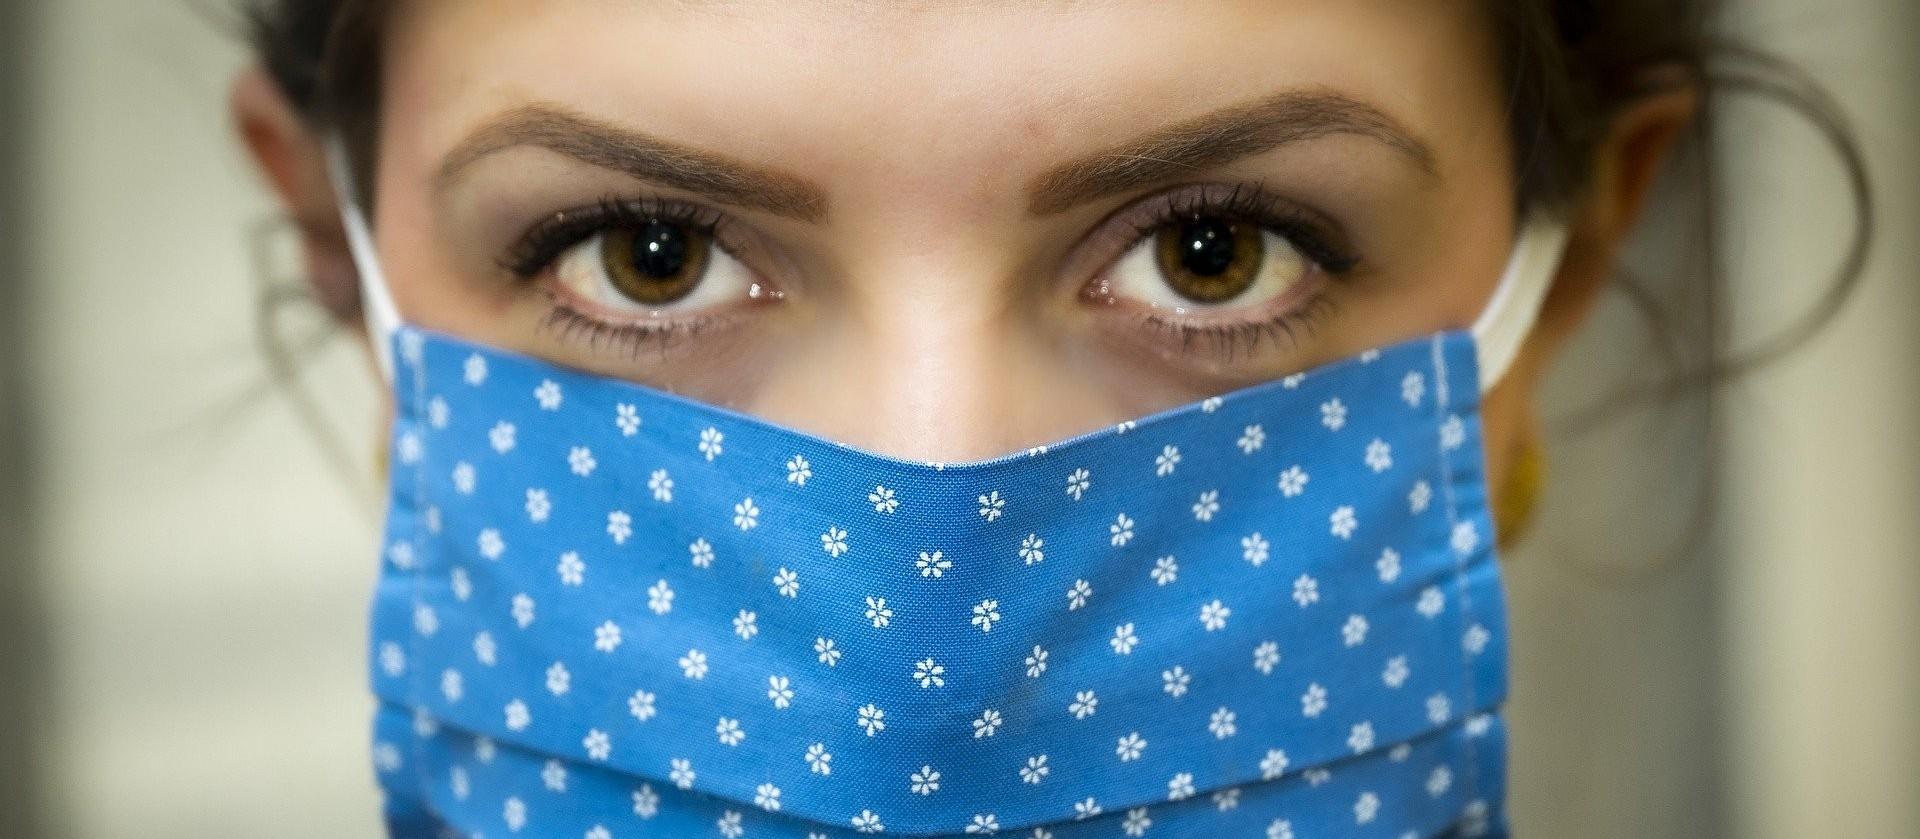 Depois de tomar a vacina, ainda preciso usar máscara?